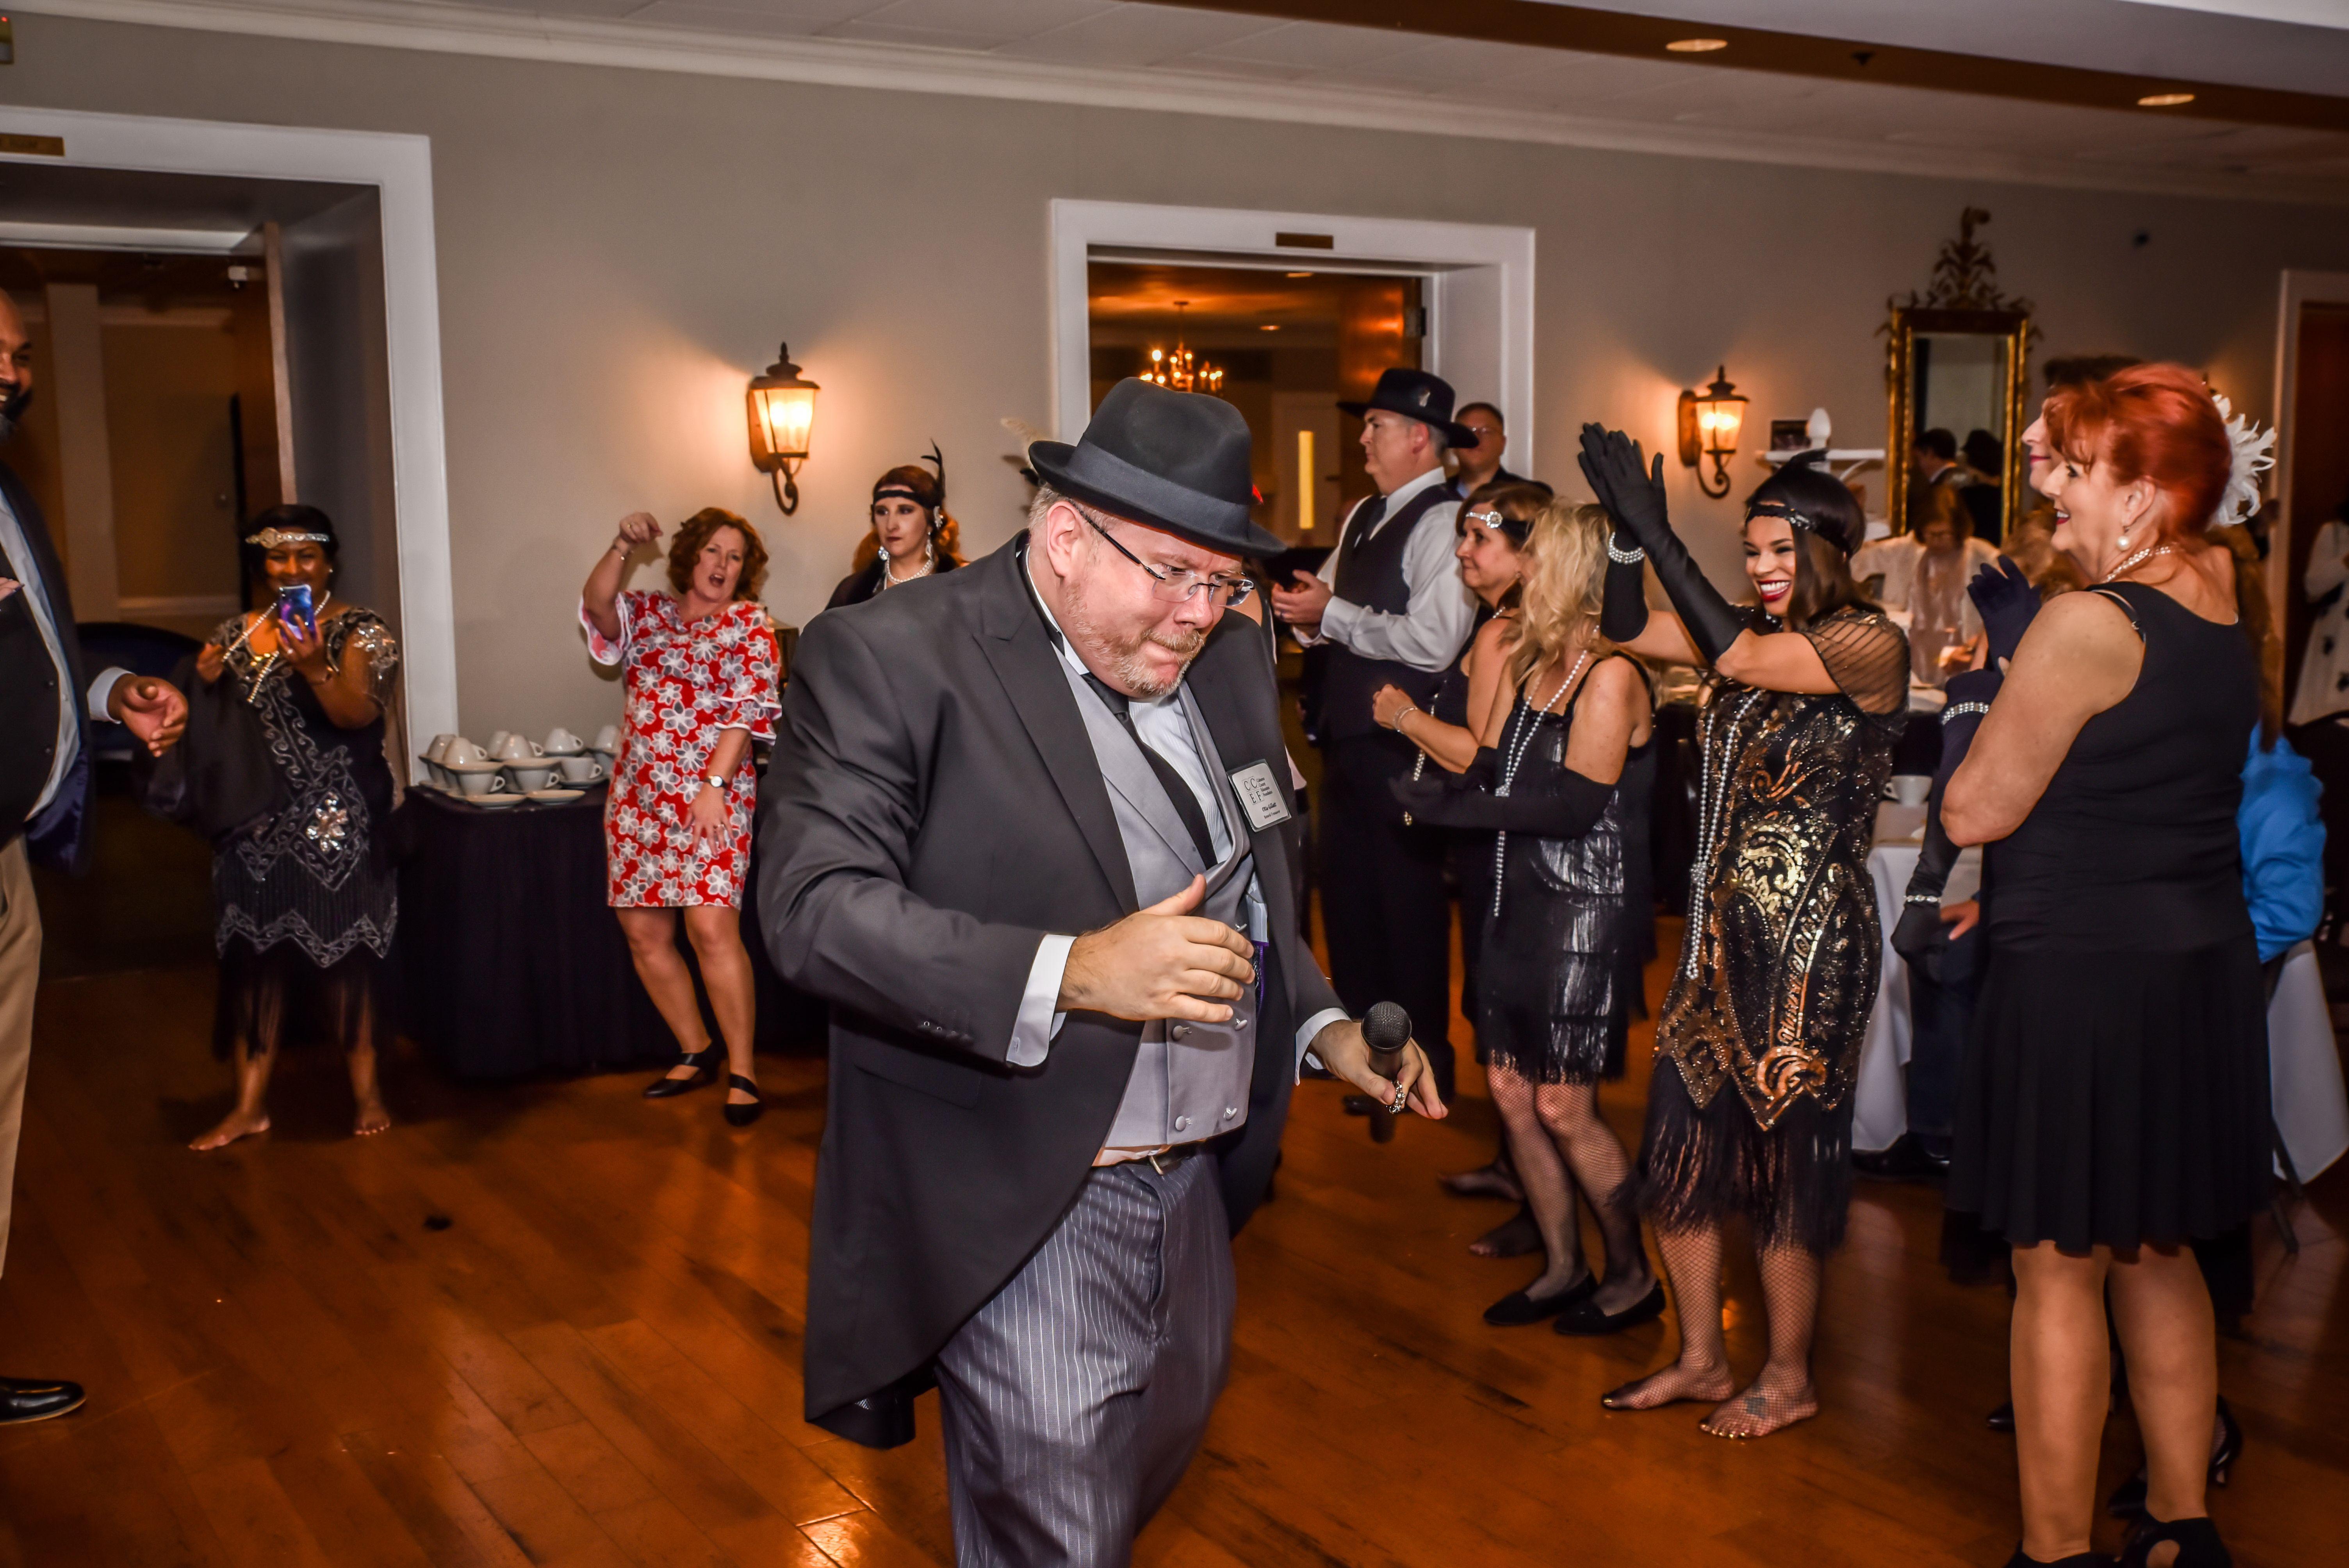 Otis Dance Line